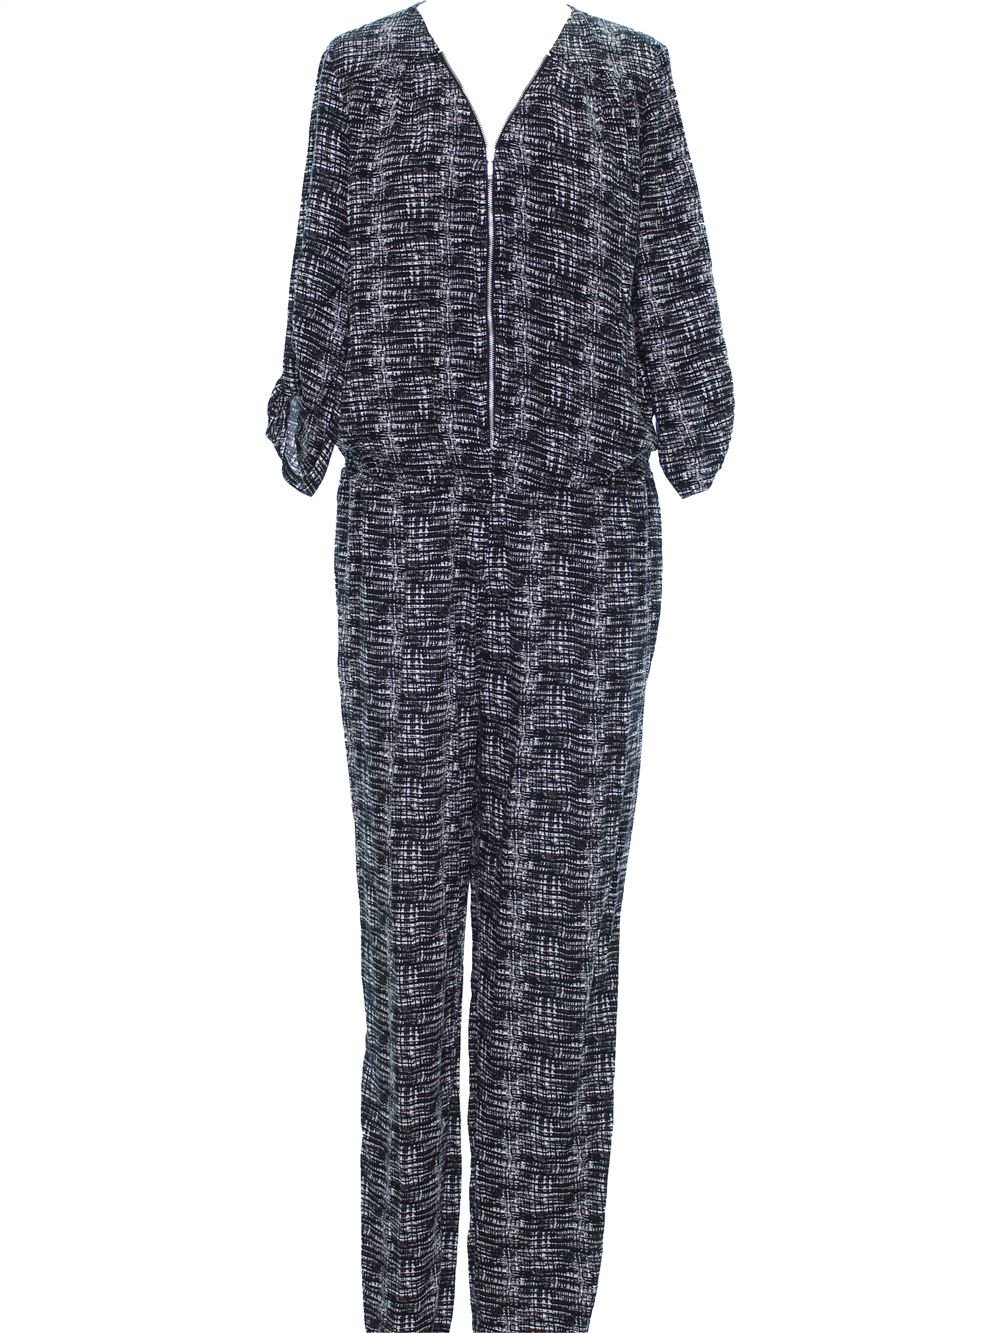 Couleurs variées 71f2d 97fb9 Combi-pantalon Femme CACHE-CACHE 42 (L - T2) pas cher, 12.99 ...